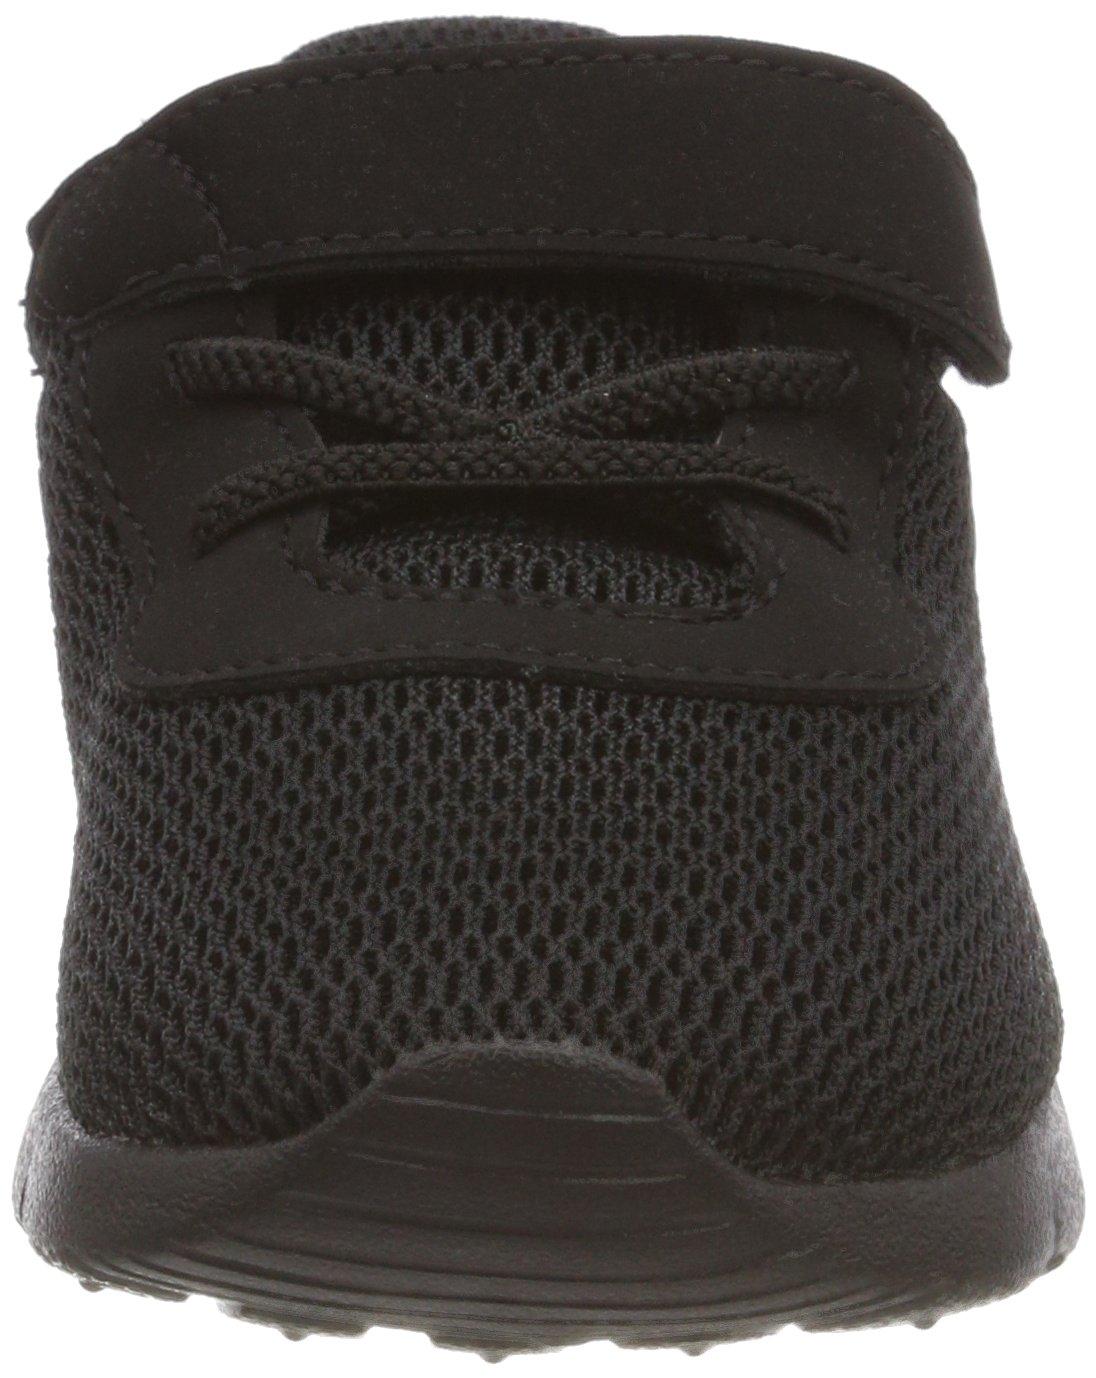 Nike Baby Boy's Tanjun Sneakers (7 M US Toddler, Black/Black) by Nike (Image #4)